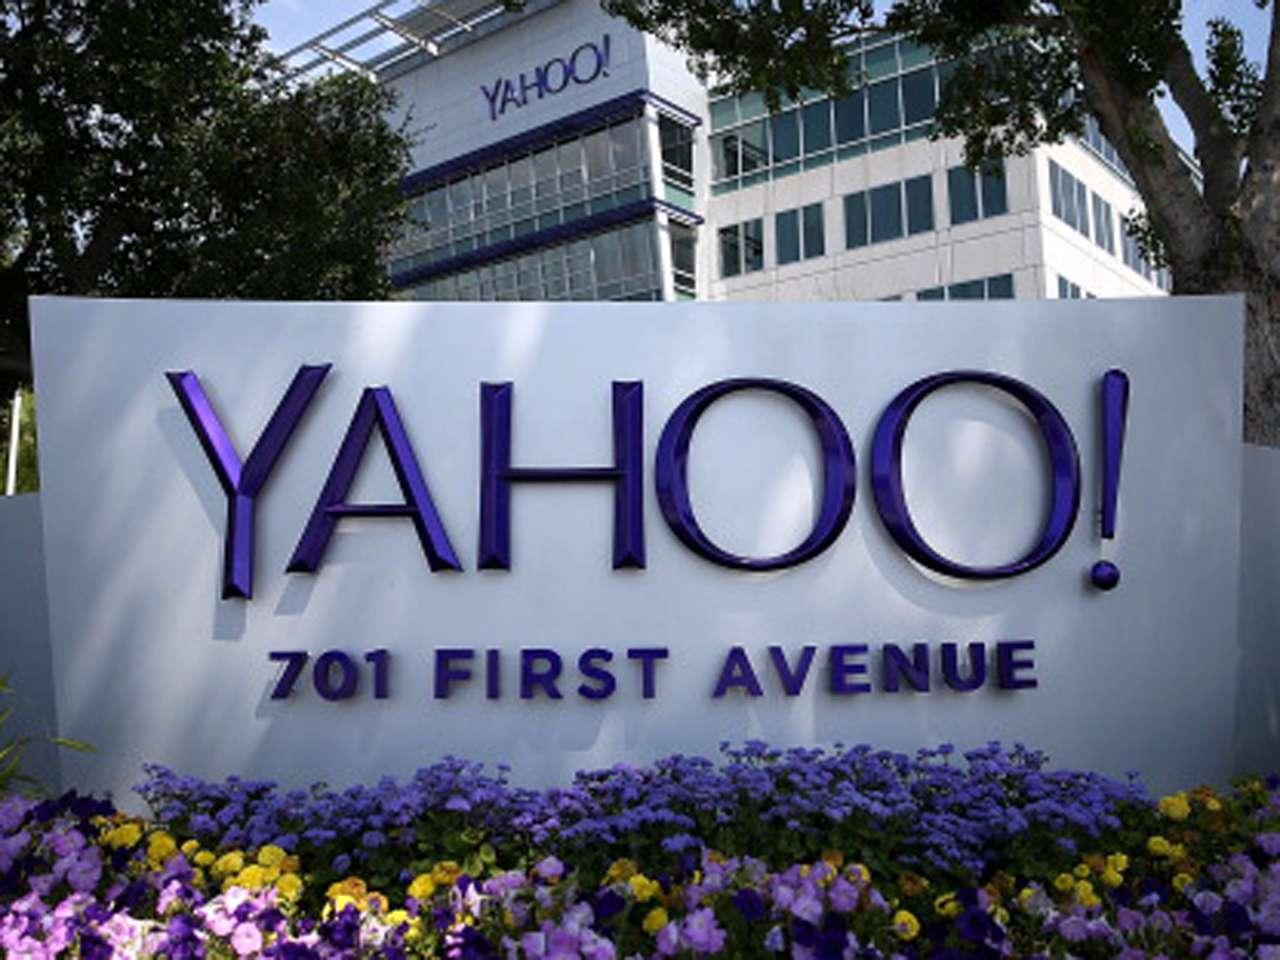 De acuerdo con la demanda, Yahoo y sus abogados lograron reducir la compensación a 172 mil 500 dólares, a través de corrupción Foto: Justin Sullivan/Getty images